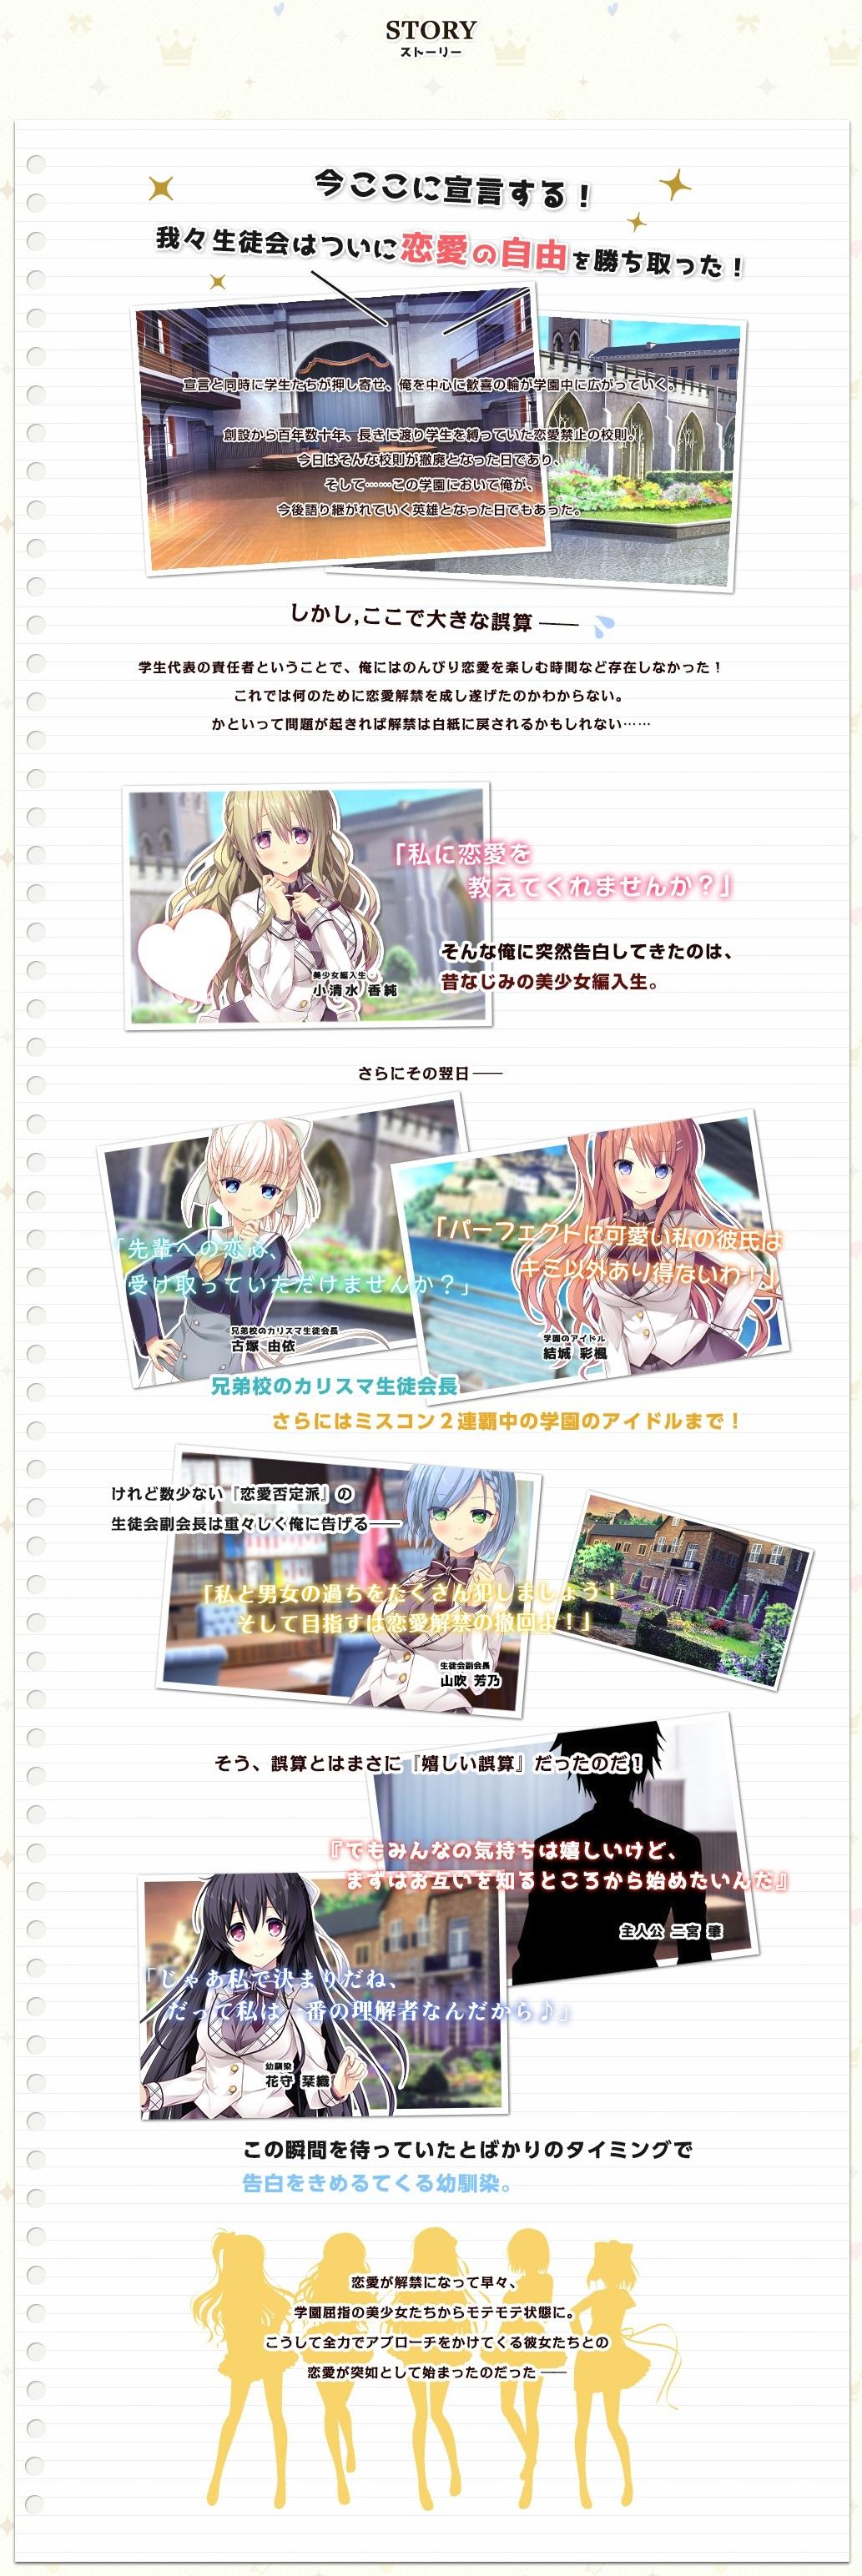 screencapture-hook-net-jp-ixshetell-story-html-1506683283372.jpg